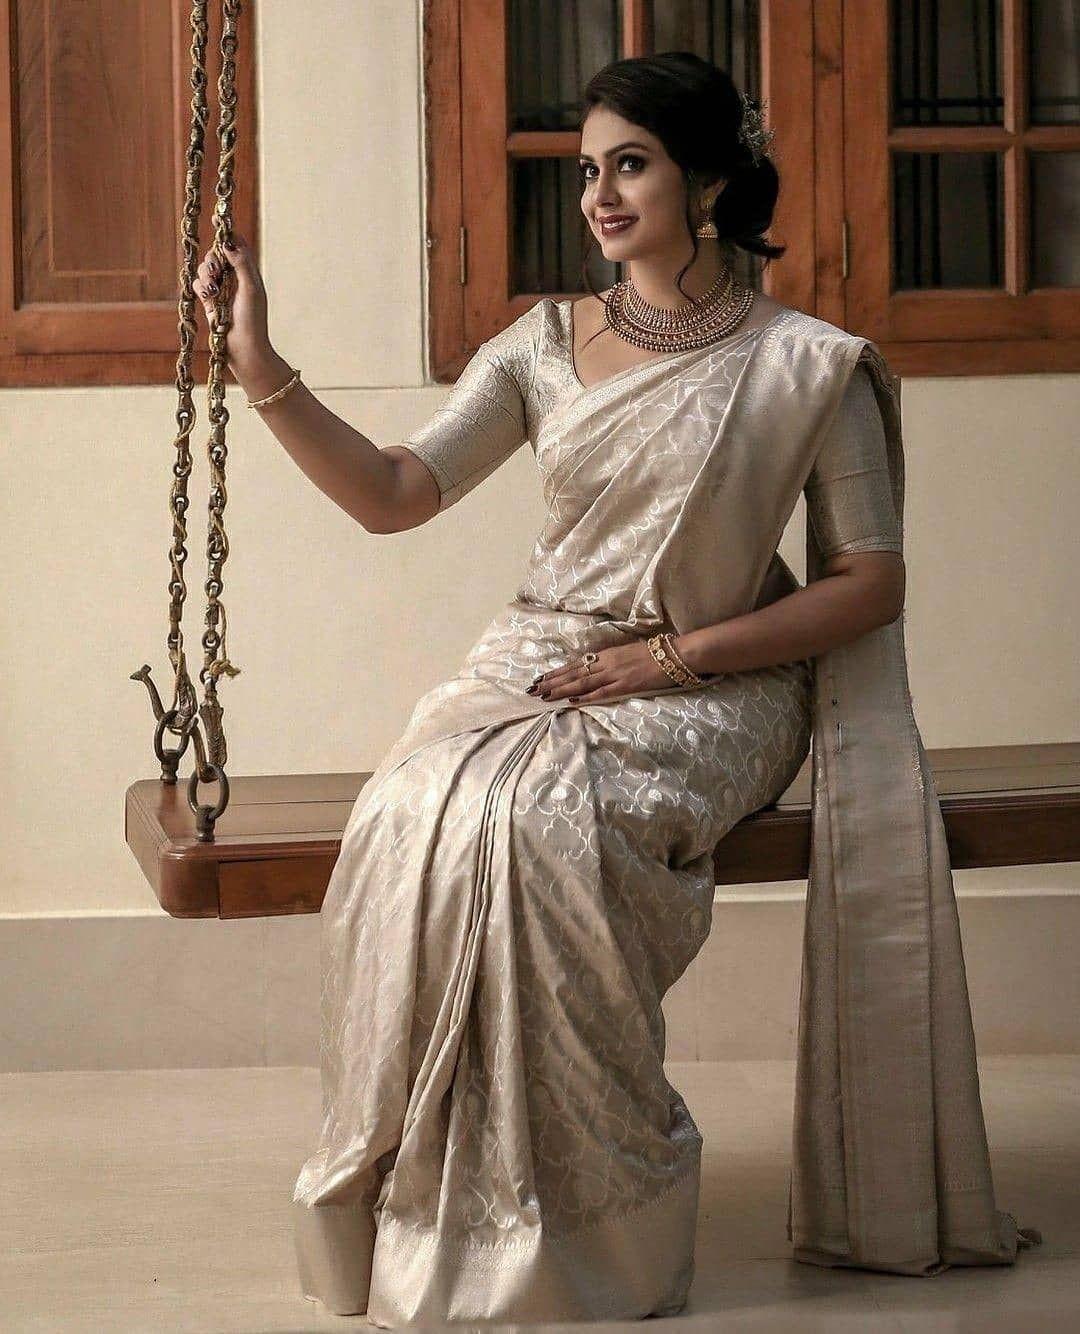 """Photo of Saree Women on Instagram: """"Follow more @sareewomen _ @sareewomen _ @sareewomen _ @sareewomen _ _ _ _  _ #sareewomen #saree#sari#backless#blouse#back#photography…"""""""